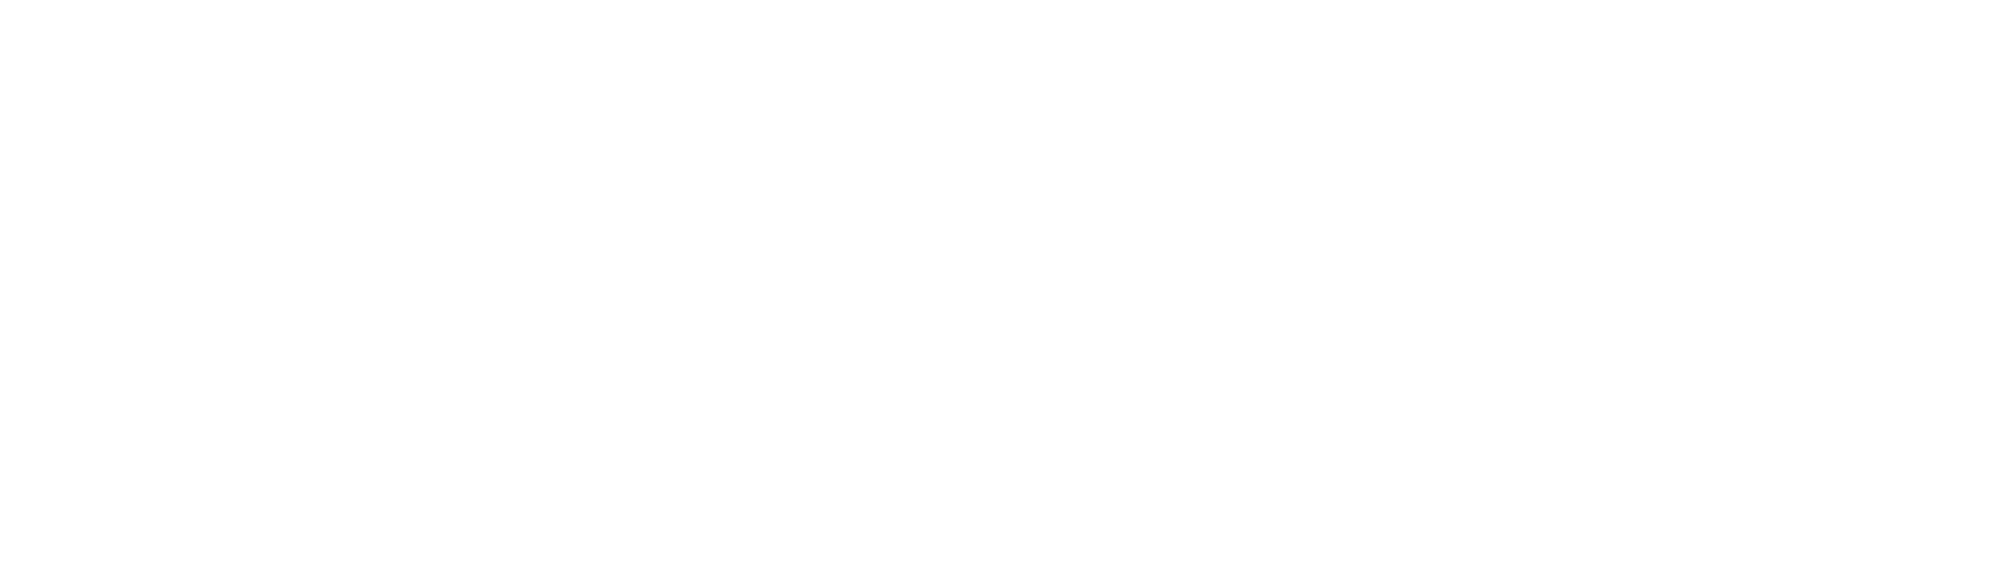 olimp-fish